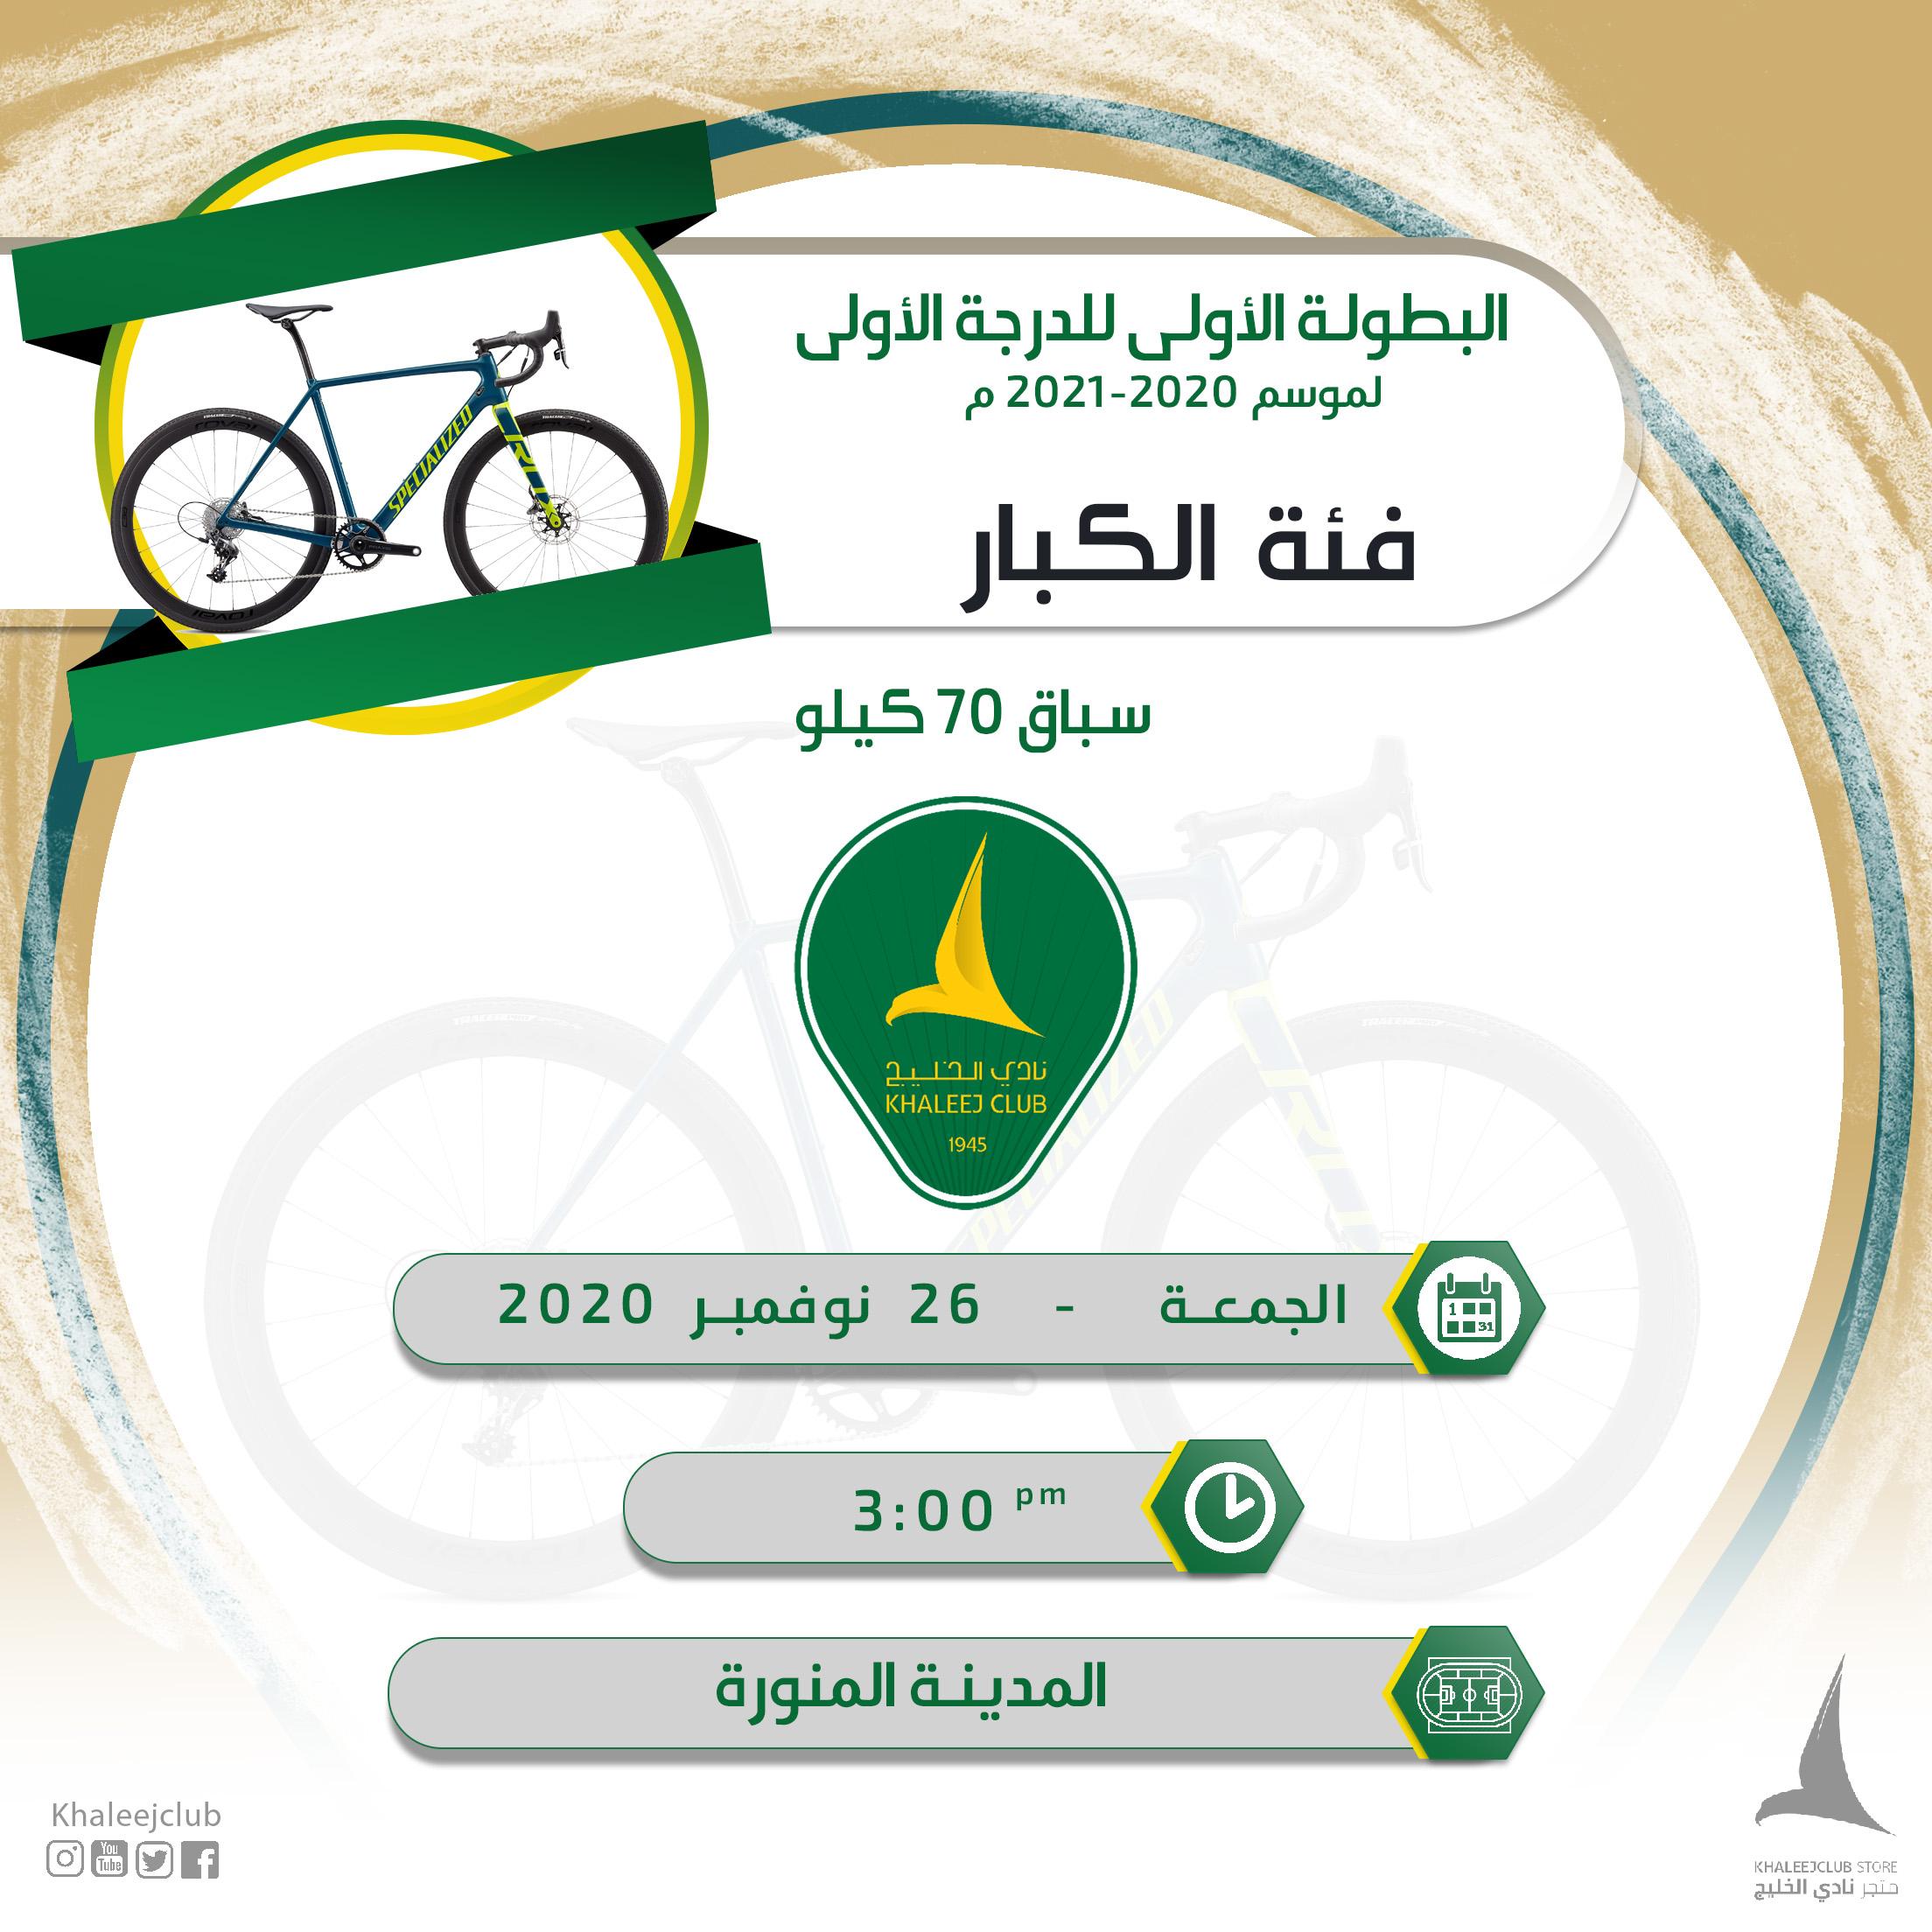 دراجات الخليج تشارك في البطولة الأولى للدرجة الأولى